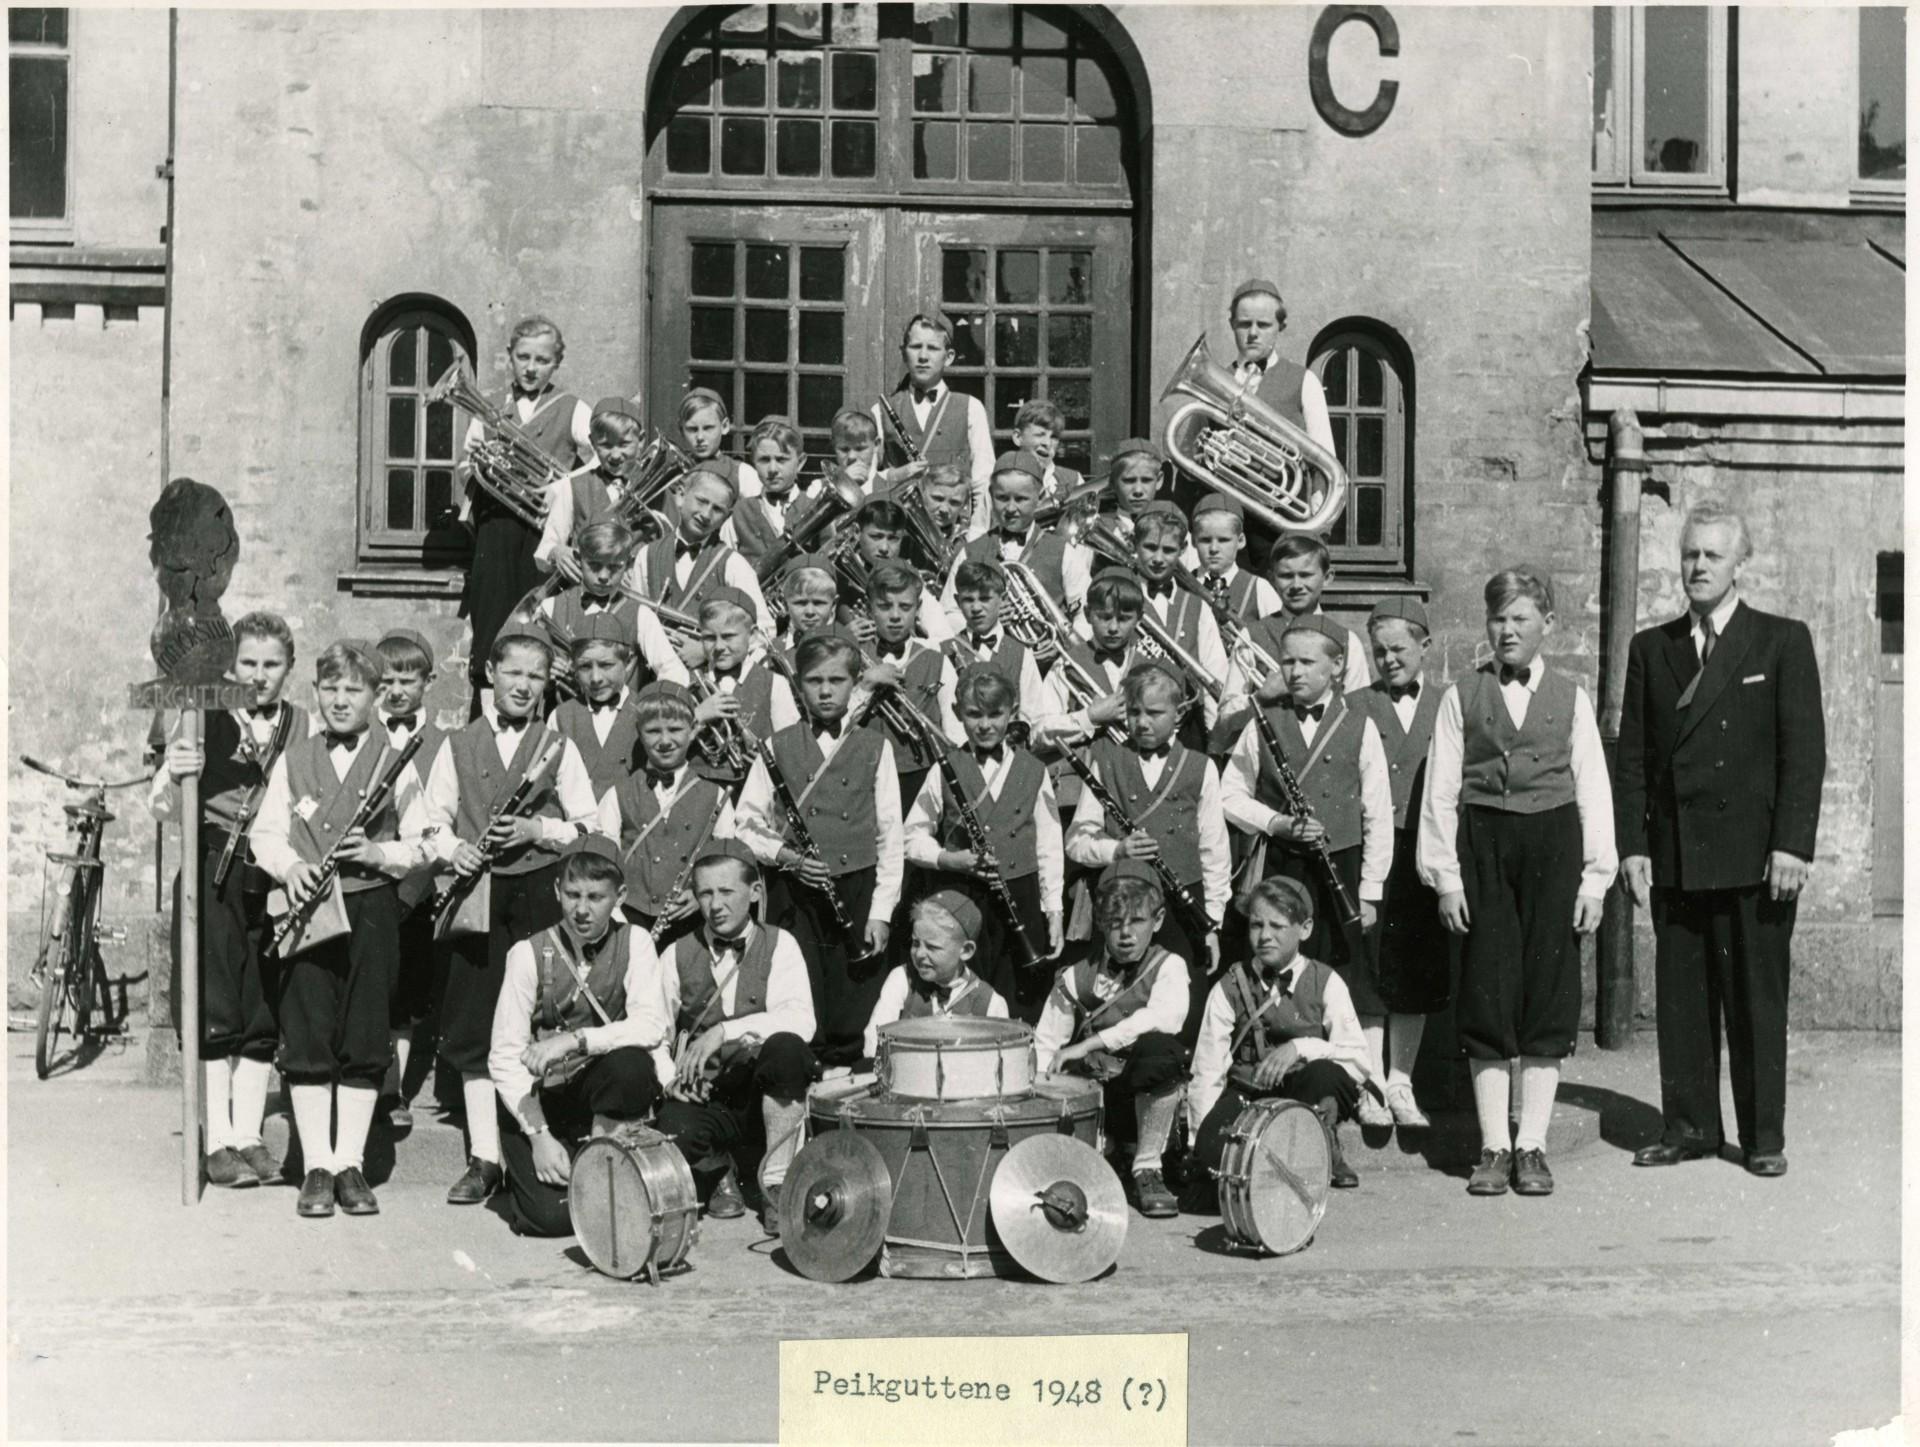 peikbilder_1948_korpset_gruppebilde.jpg